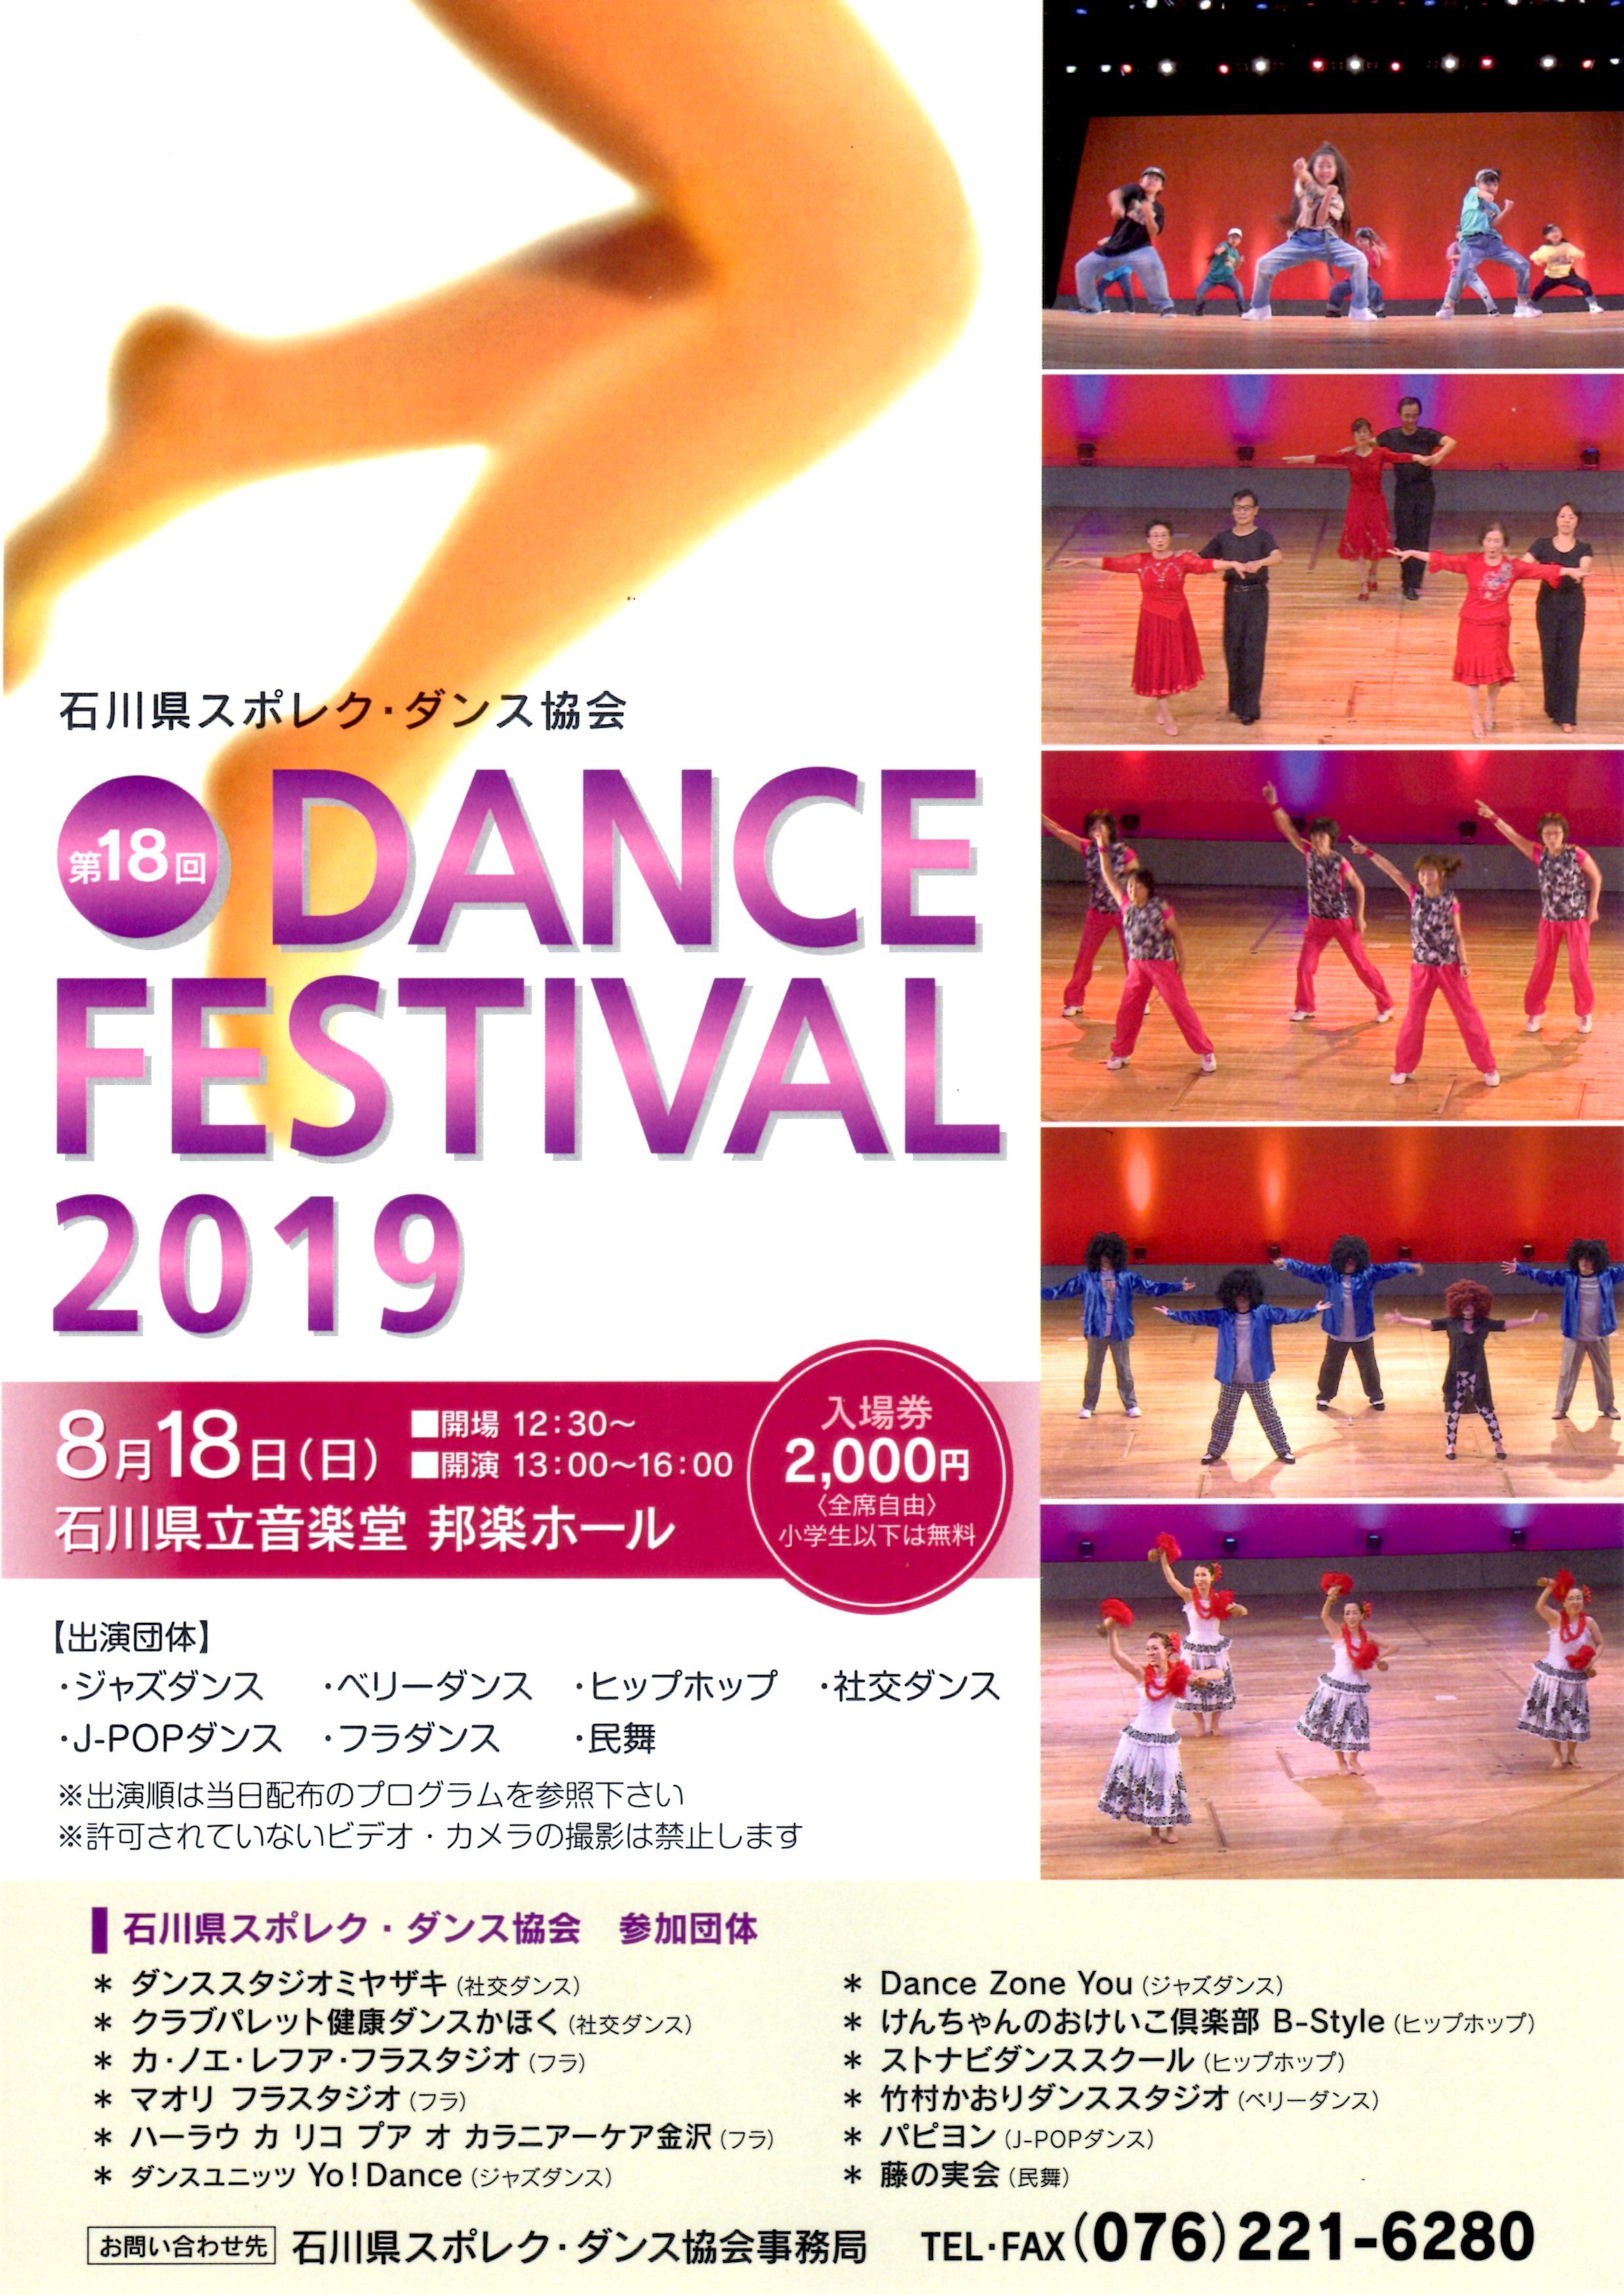 石川県スポレク・ダンスフェスティバル2019報告